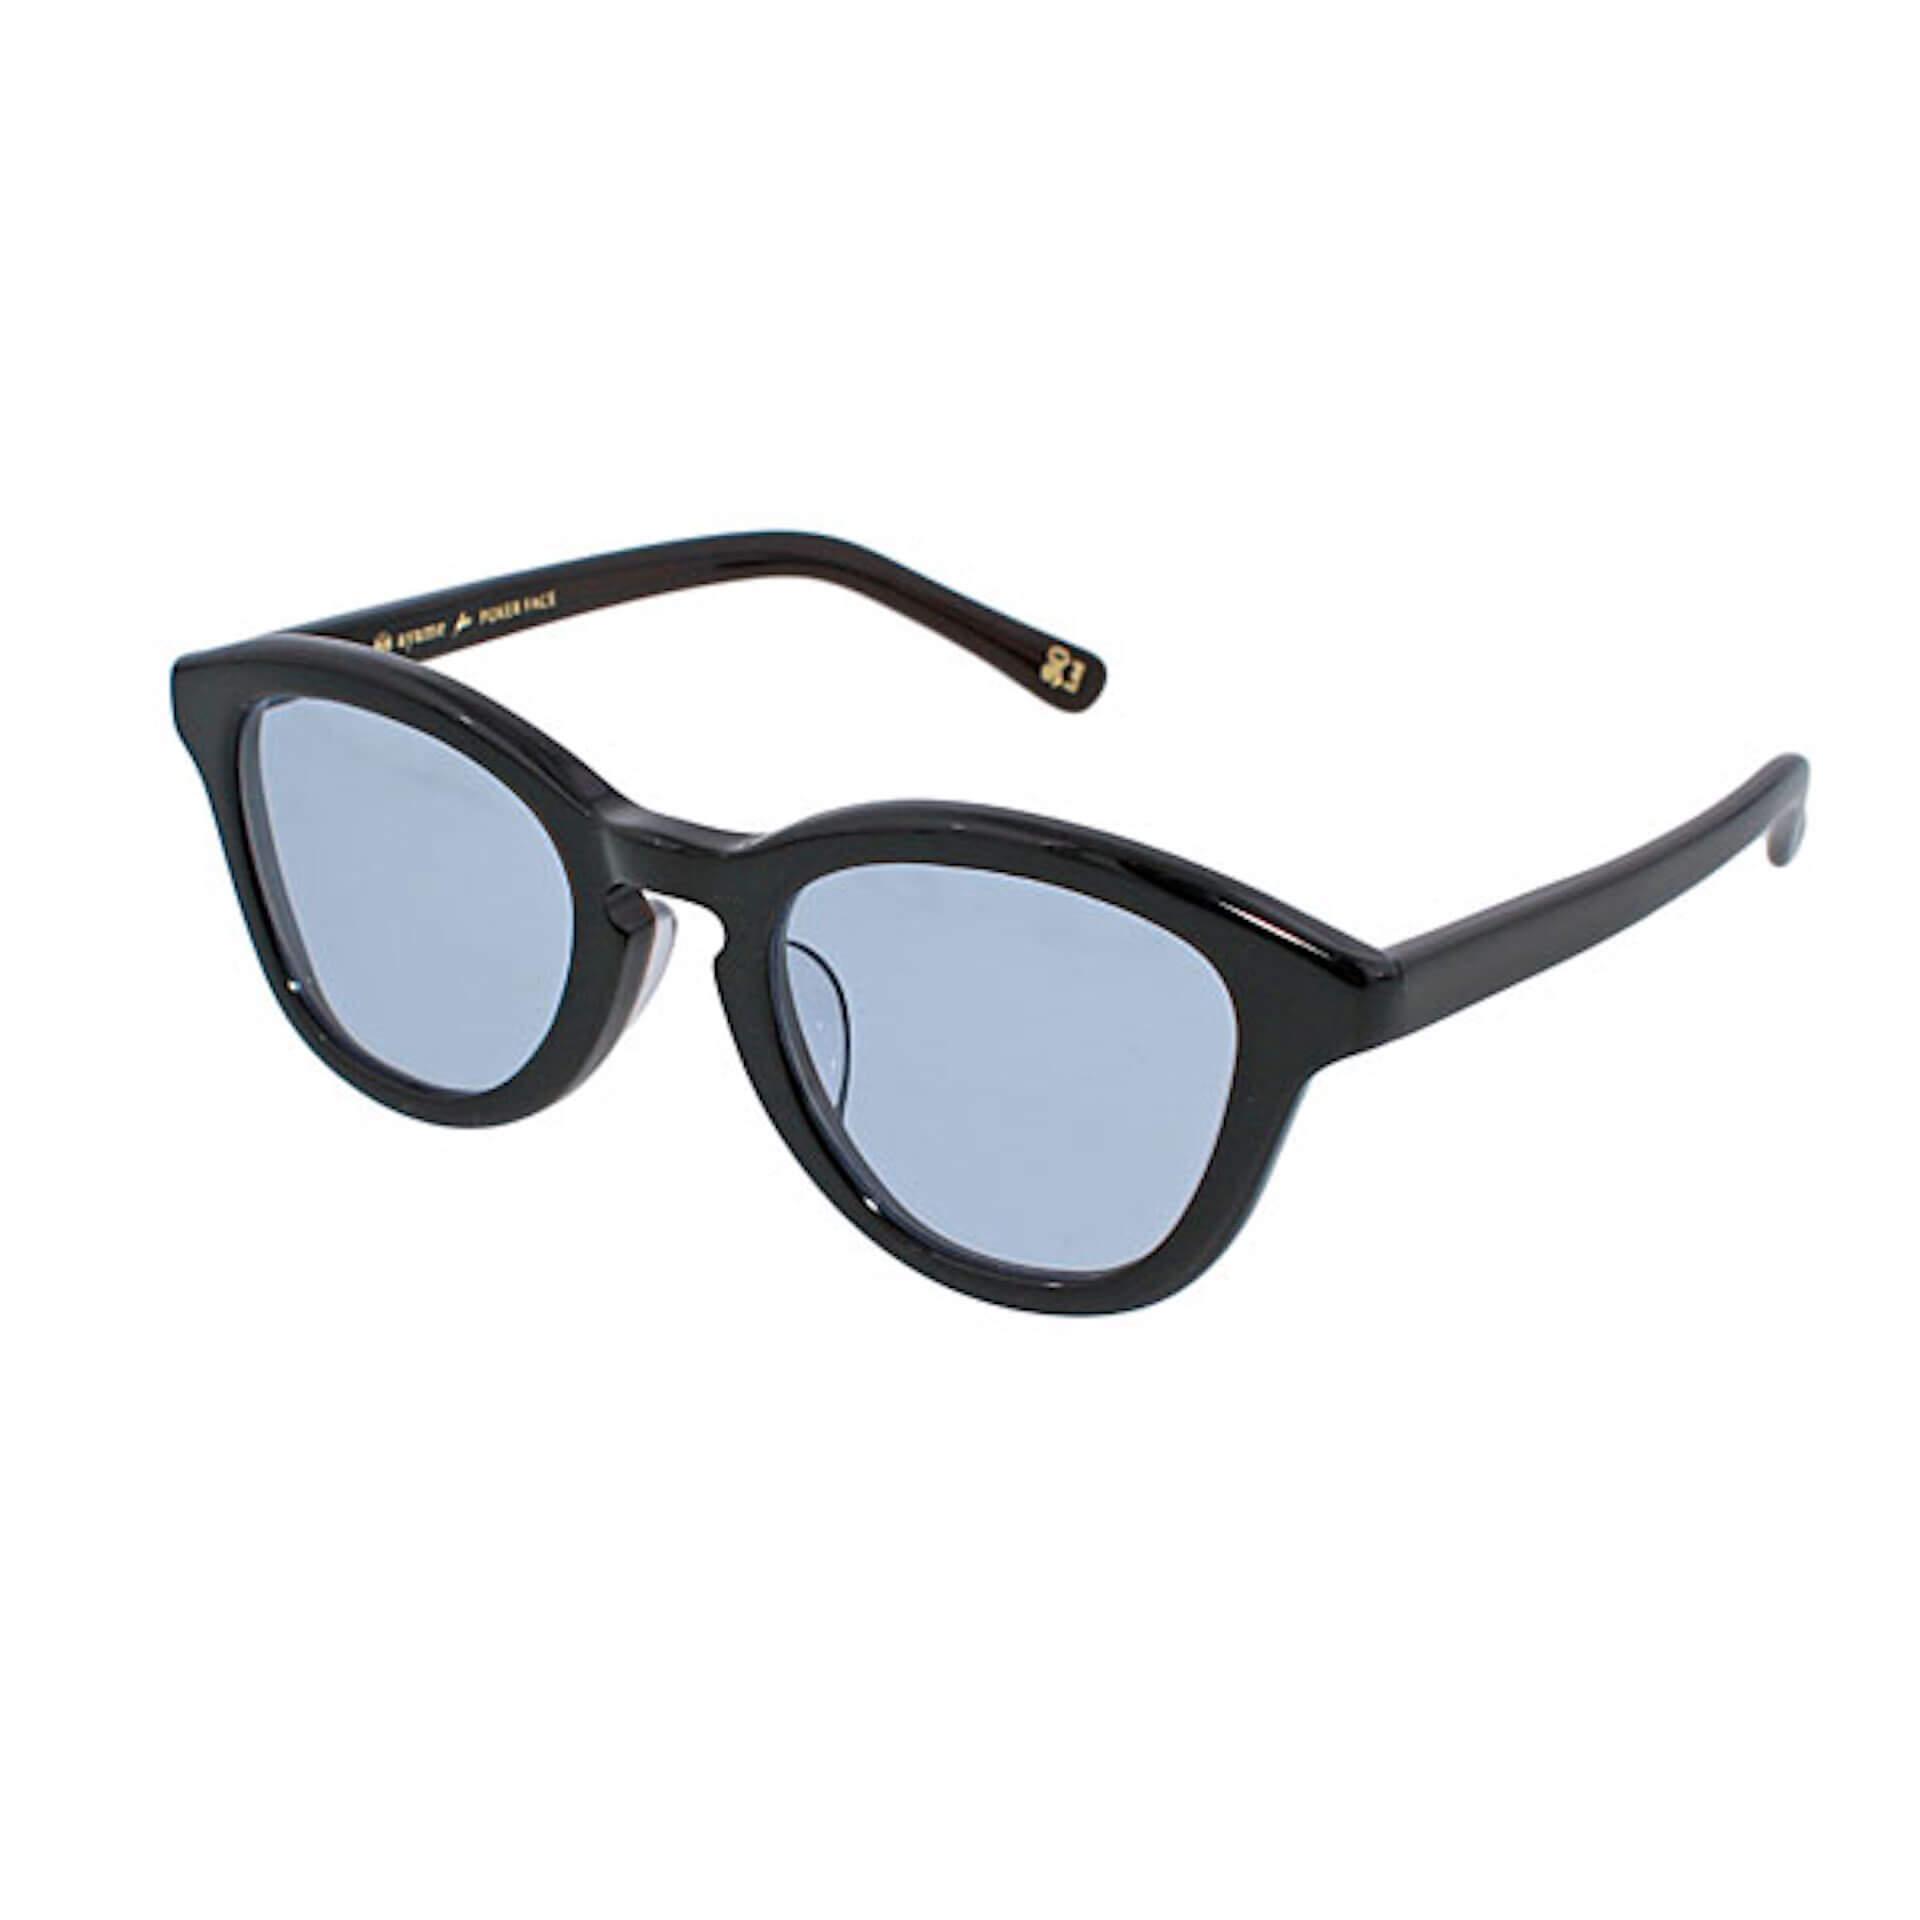 「POKER FACE」がアイウェアブランド「ayame」に別注をかけたセルロイド製の「曇らないサングラス」を発売決定! Fashion_210719_koro3